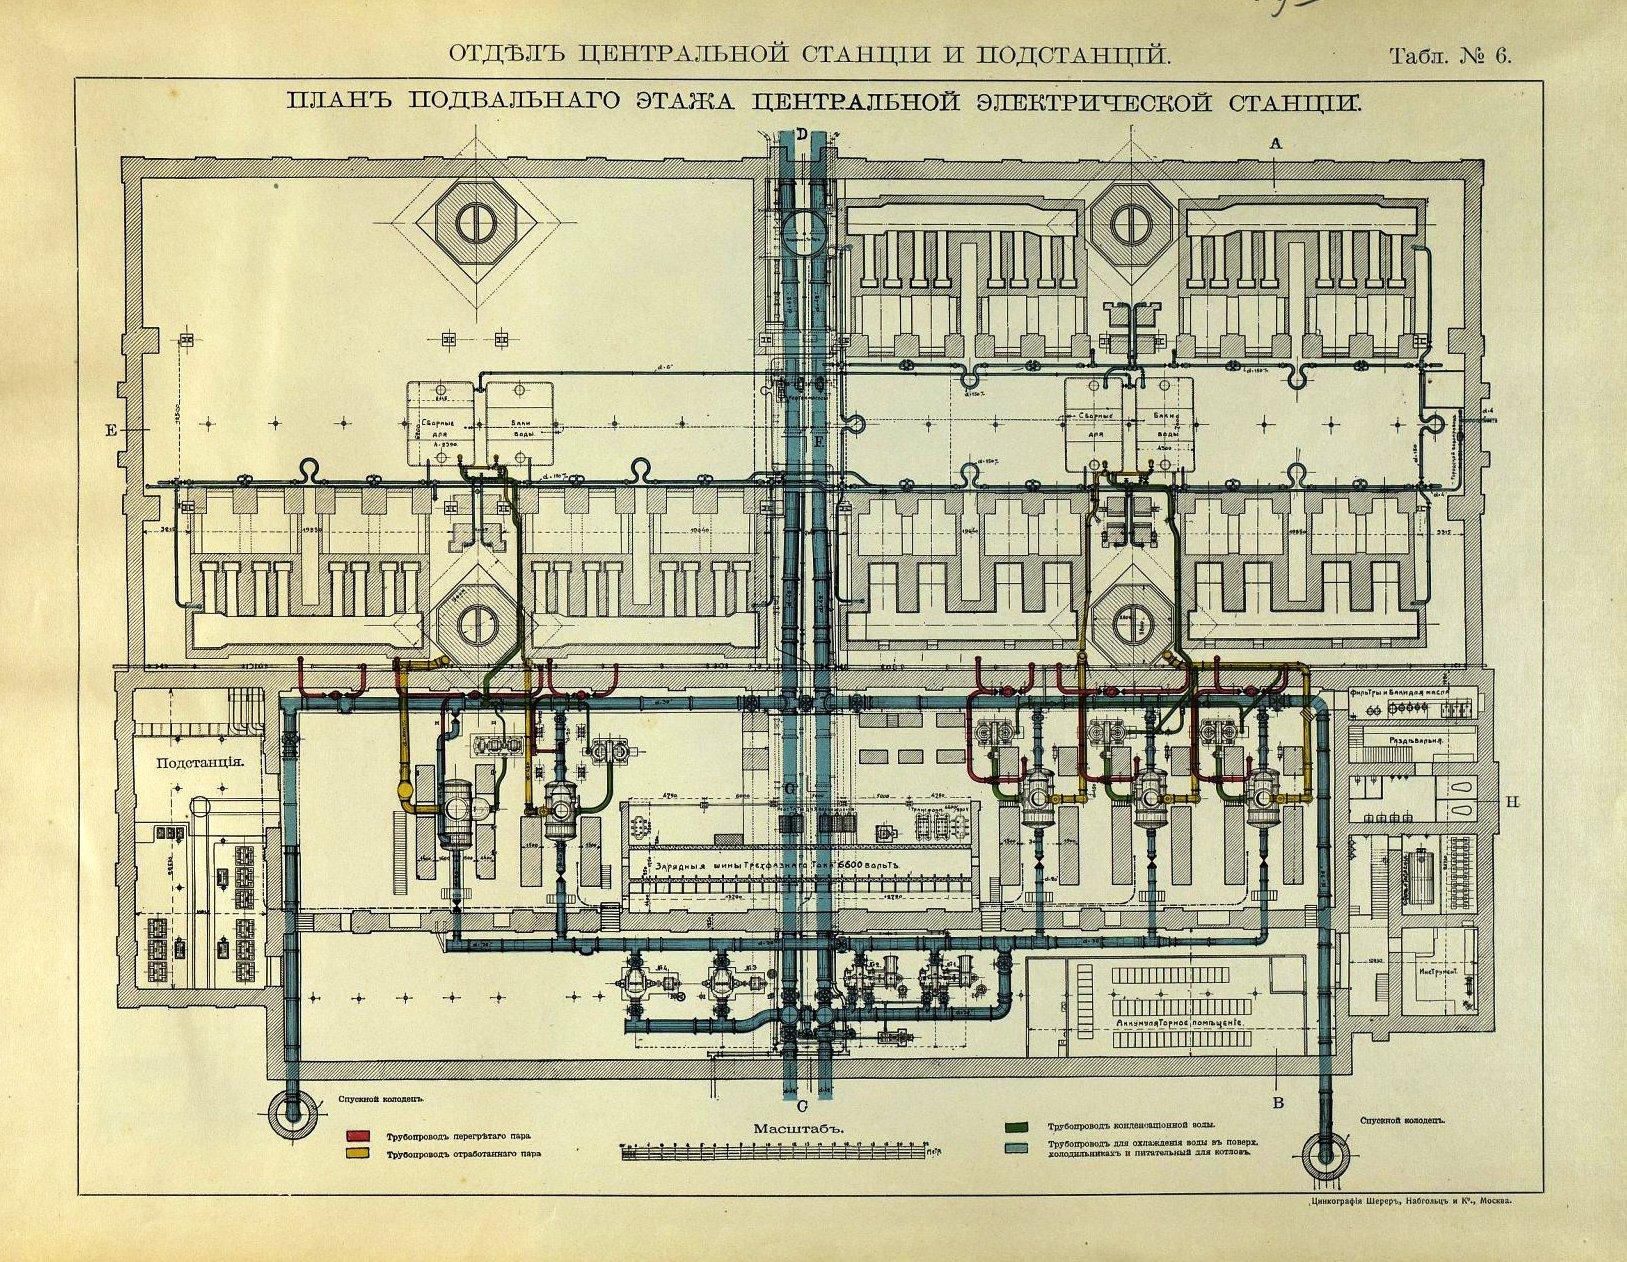 09. Центральная электрическая станция. План подвального этажа